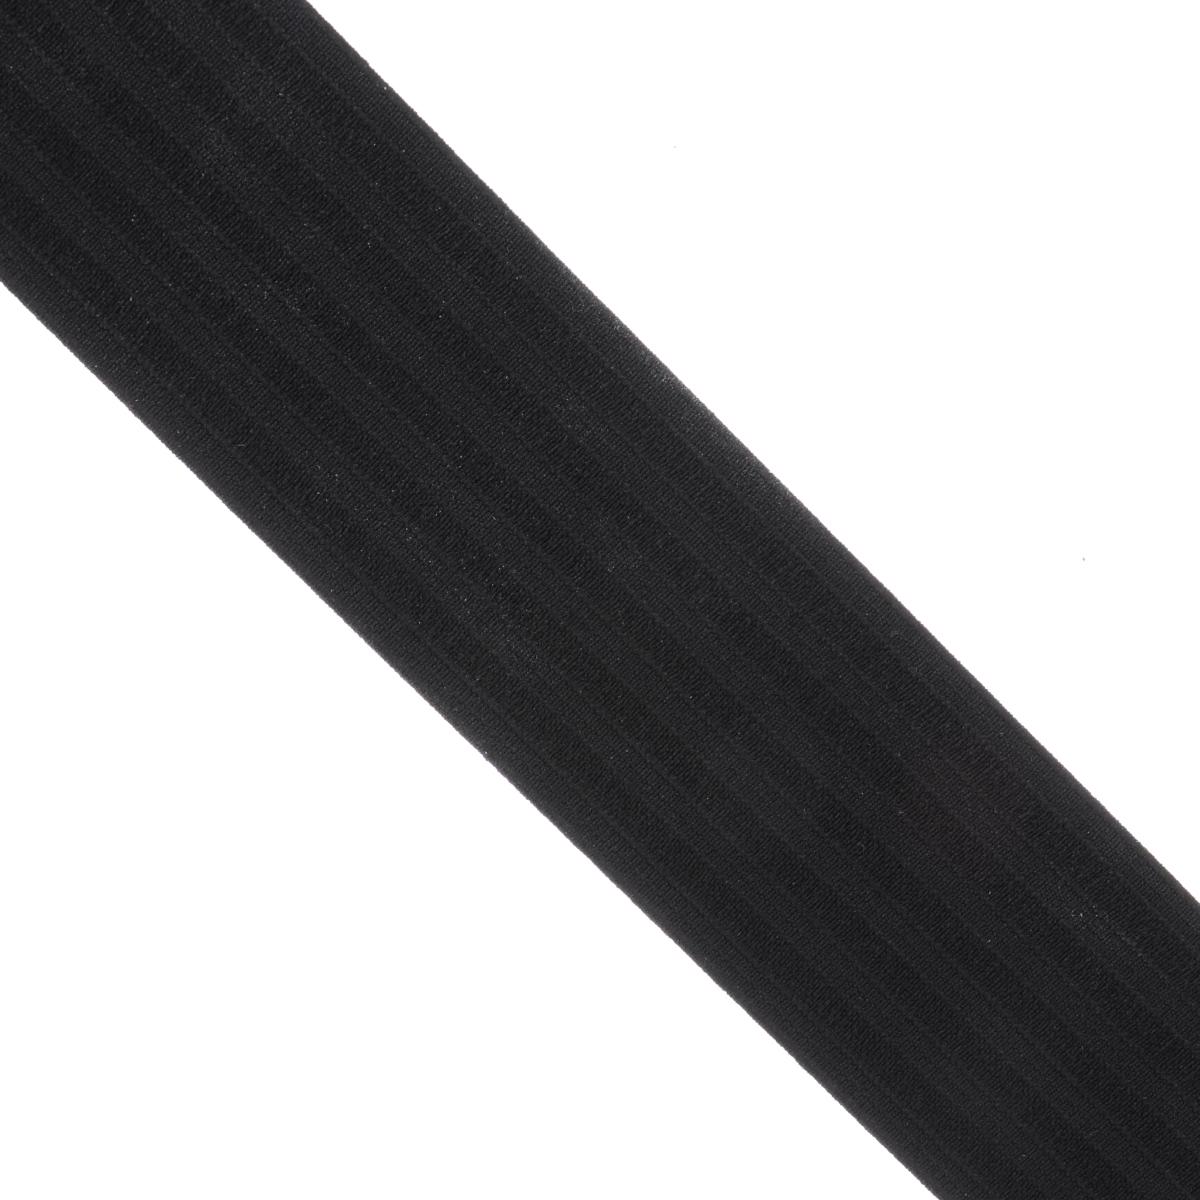 Лента эластичная Prym, для уплотнения шва, цвет: черный, ширина 3 см, длина 10 м7709028_нат/деревоЭластичная лента Prym предназначена для уплотнения шва. Выполнена из полиэстера (80%) и эластомера (20%). Ткань прочная, стабильная, облегчает равномерное притачивание внутренней отделки.Длина ленты: 10 м.Ширина ленты: 3 см.